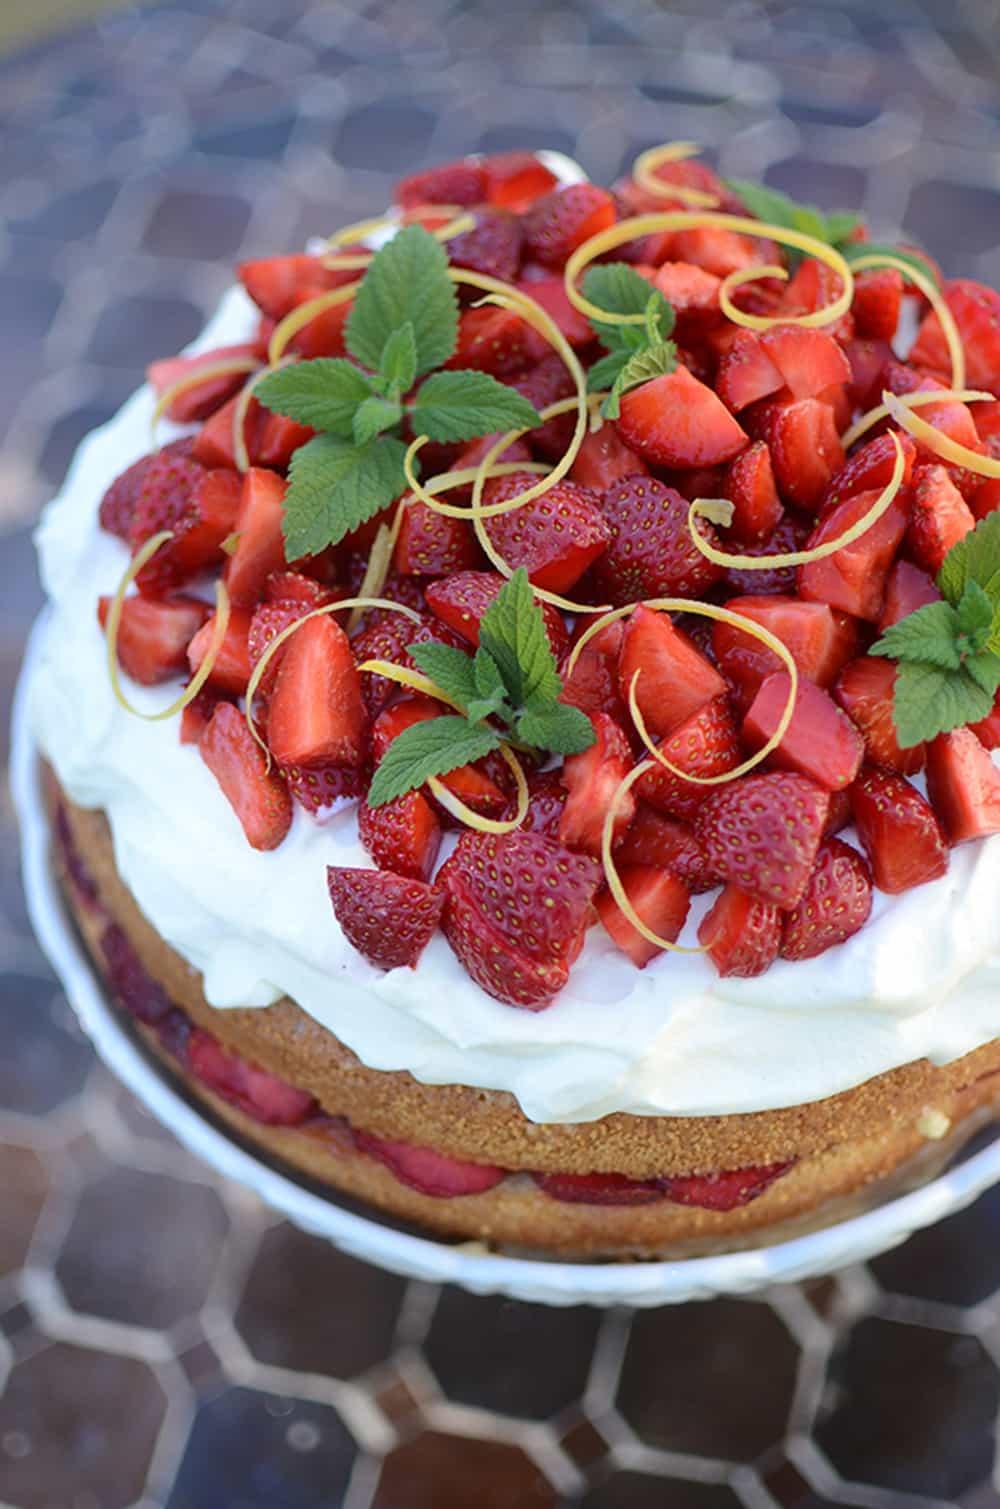 Recept: Baka en fantastiskt god jordgubbstårta med lemon curd till midsommar